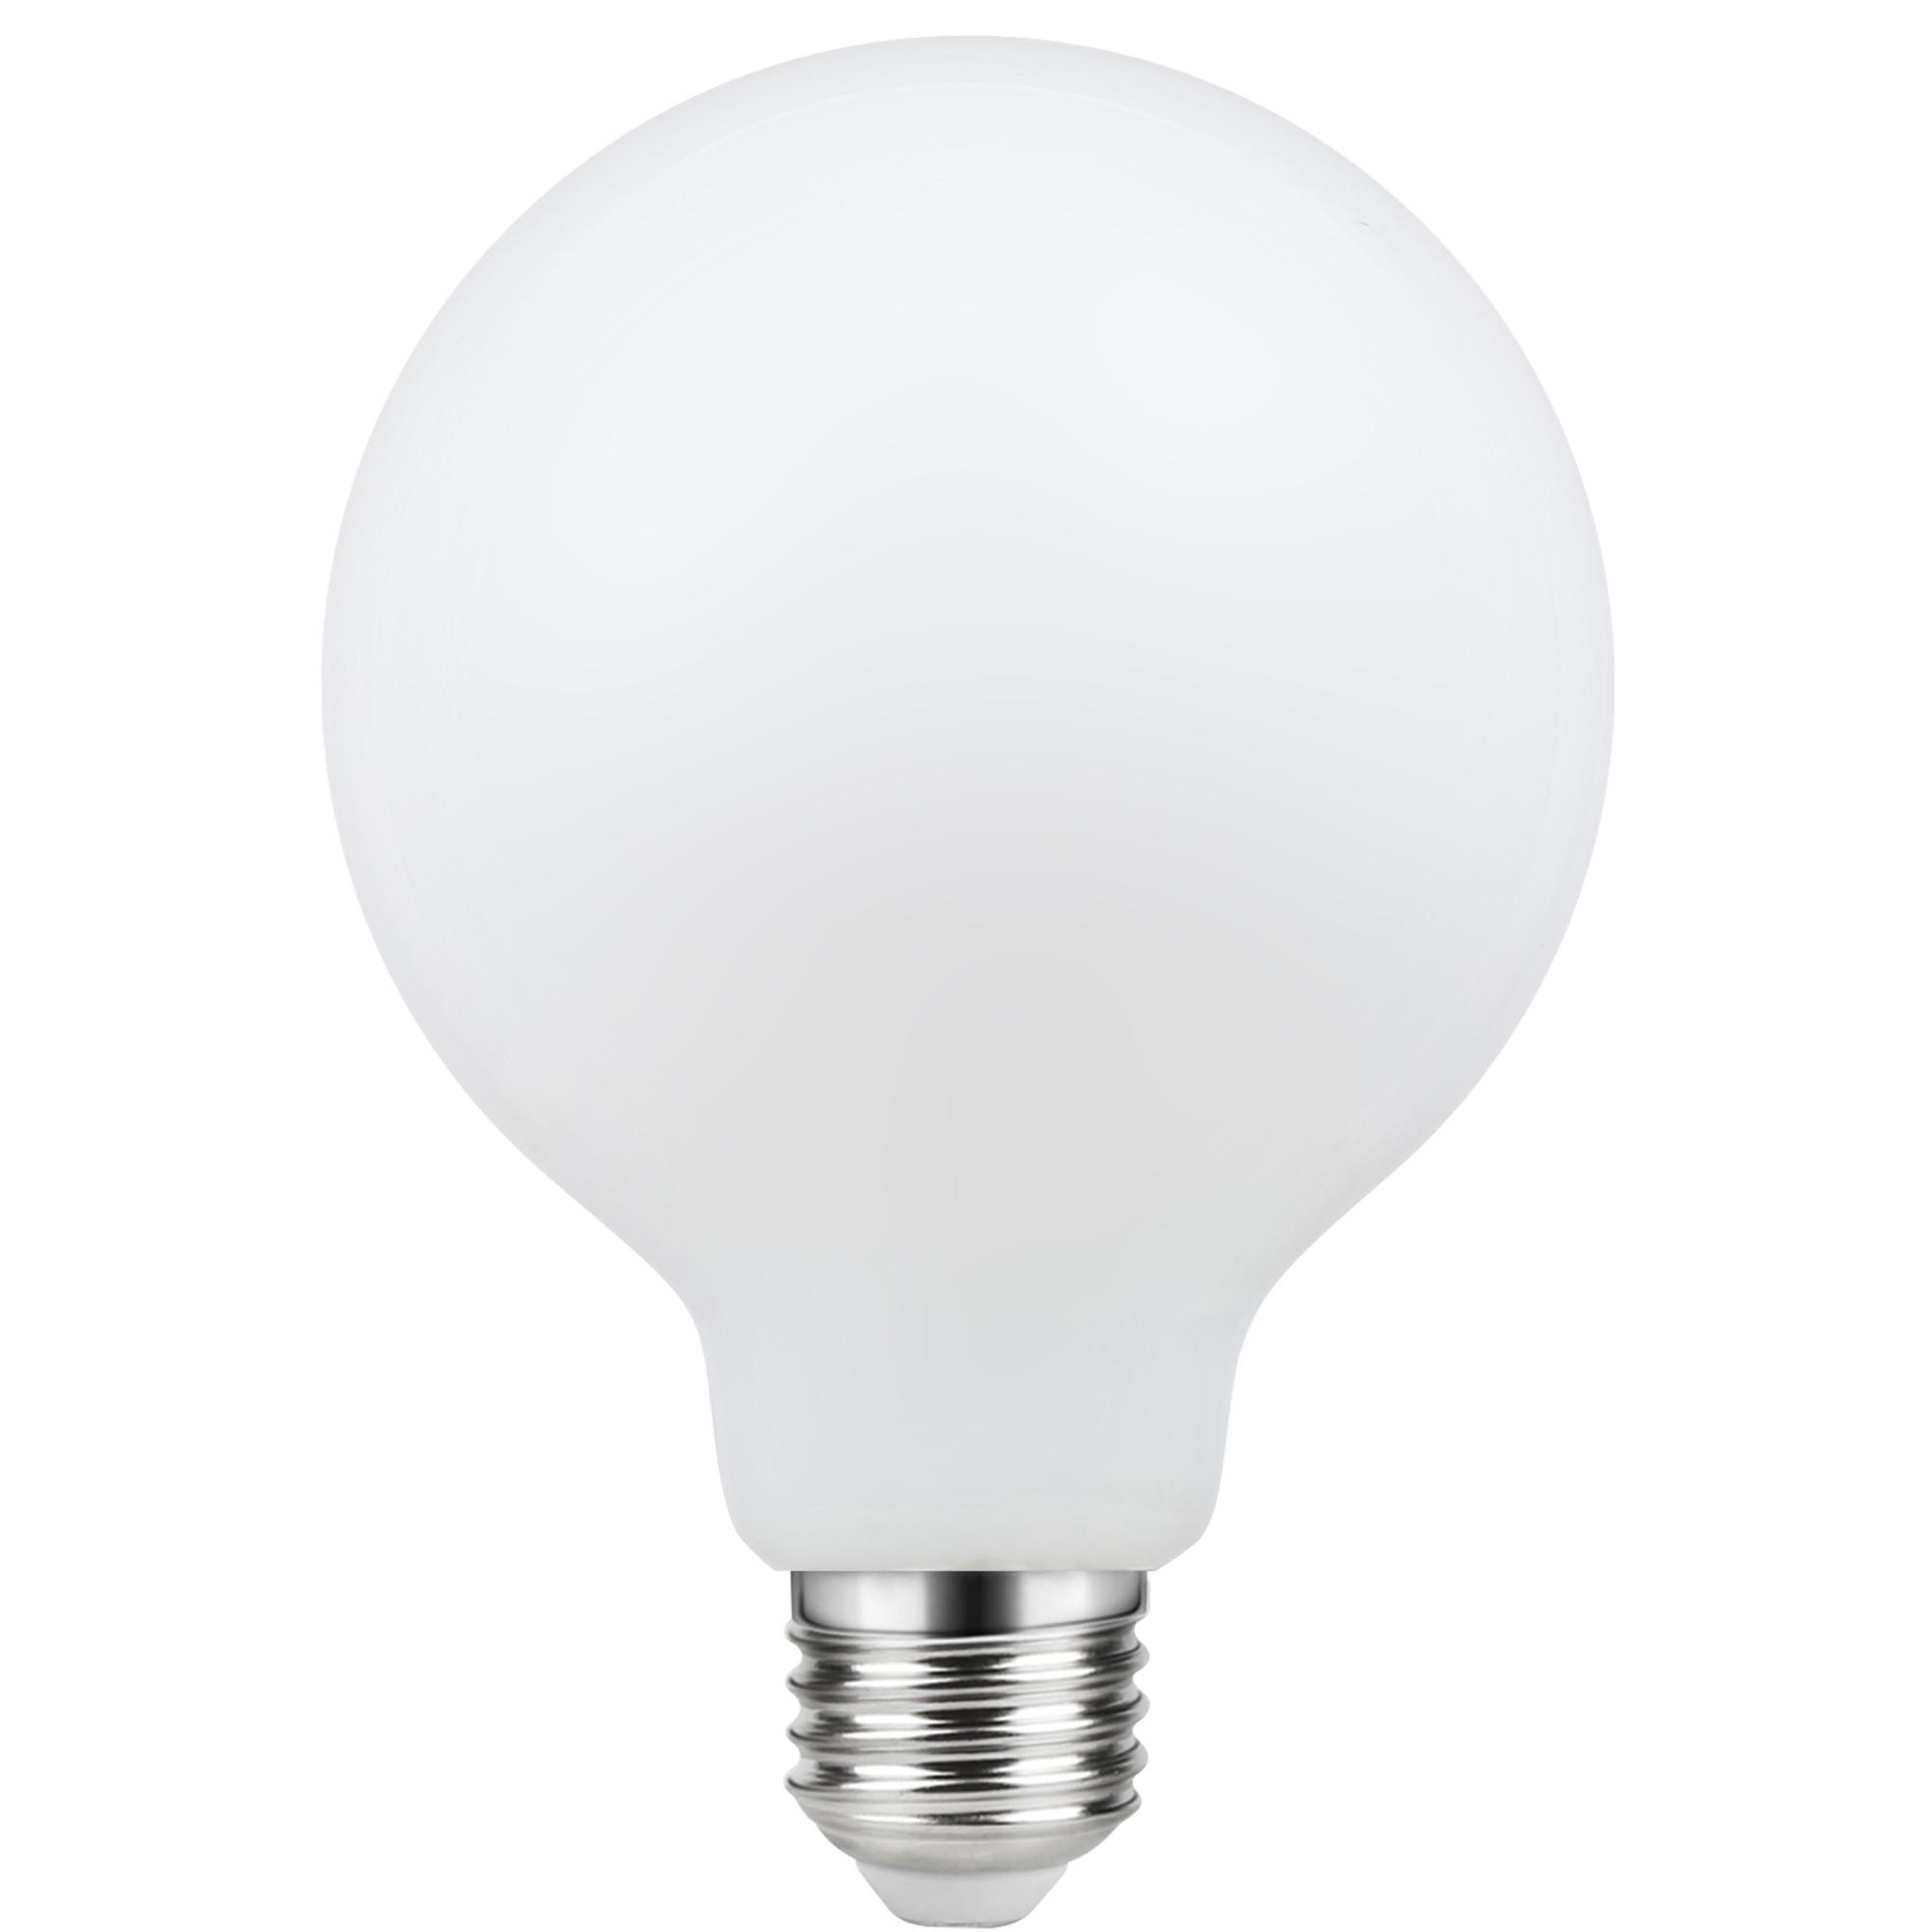 Лампа светодиодная филаментная Lexman E27 220 В 8.5 Вт шар матовый 1055 лм белый свет